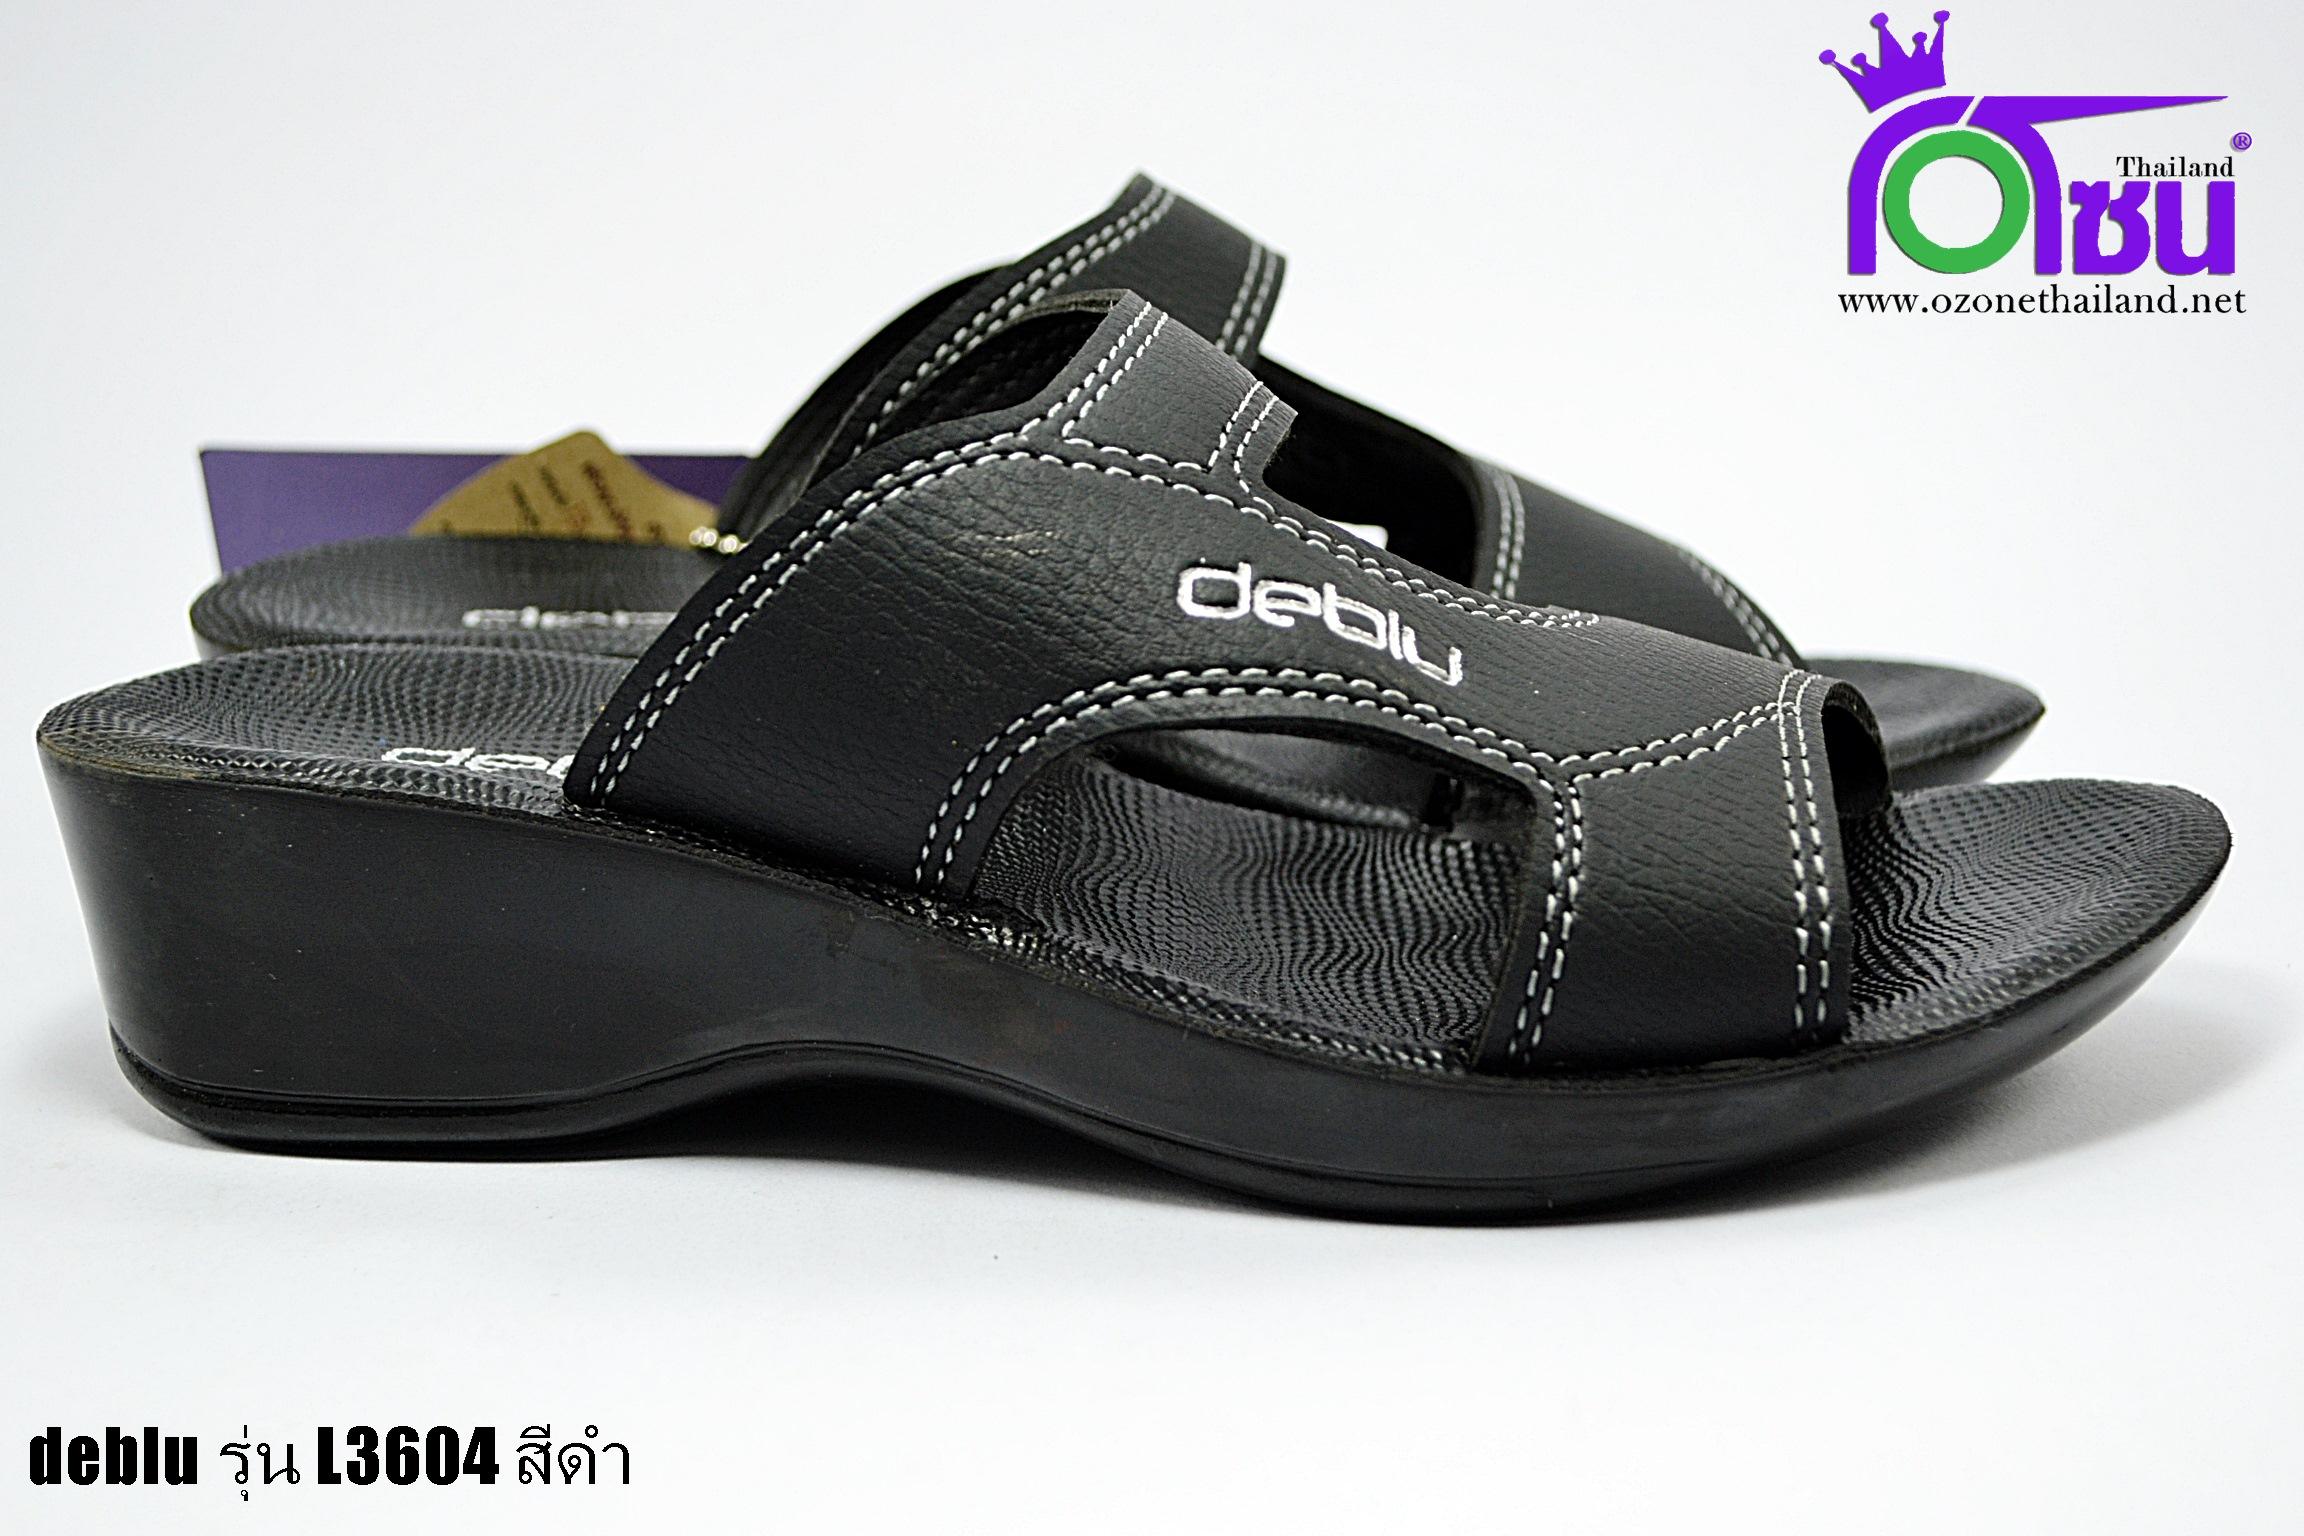 รองเท้าเดอบลู deblu รุ่น L3604 สีดำ เบอร์36-41